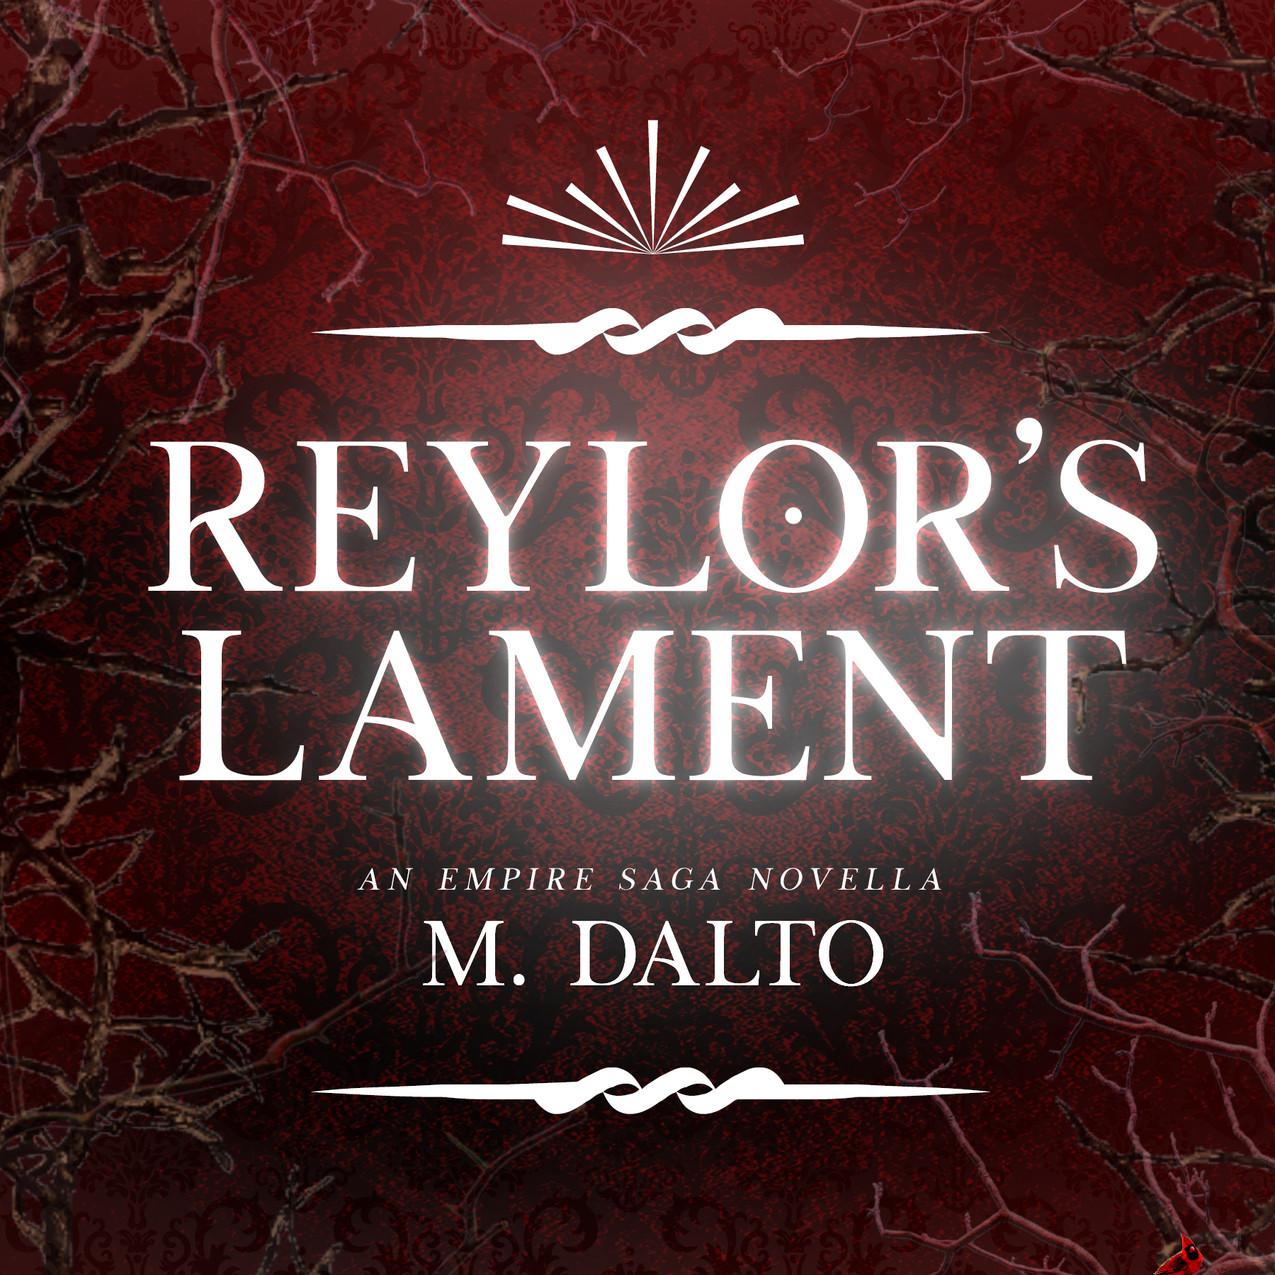 Reylor's Lament Novella